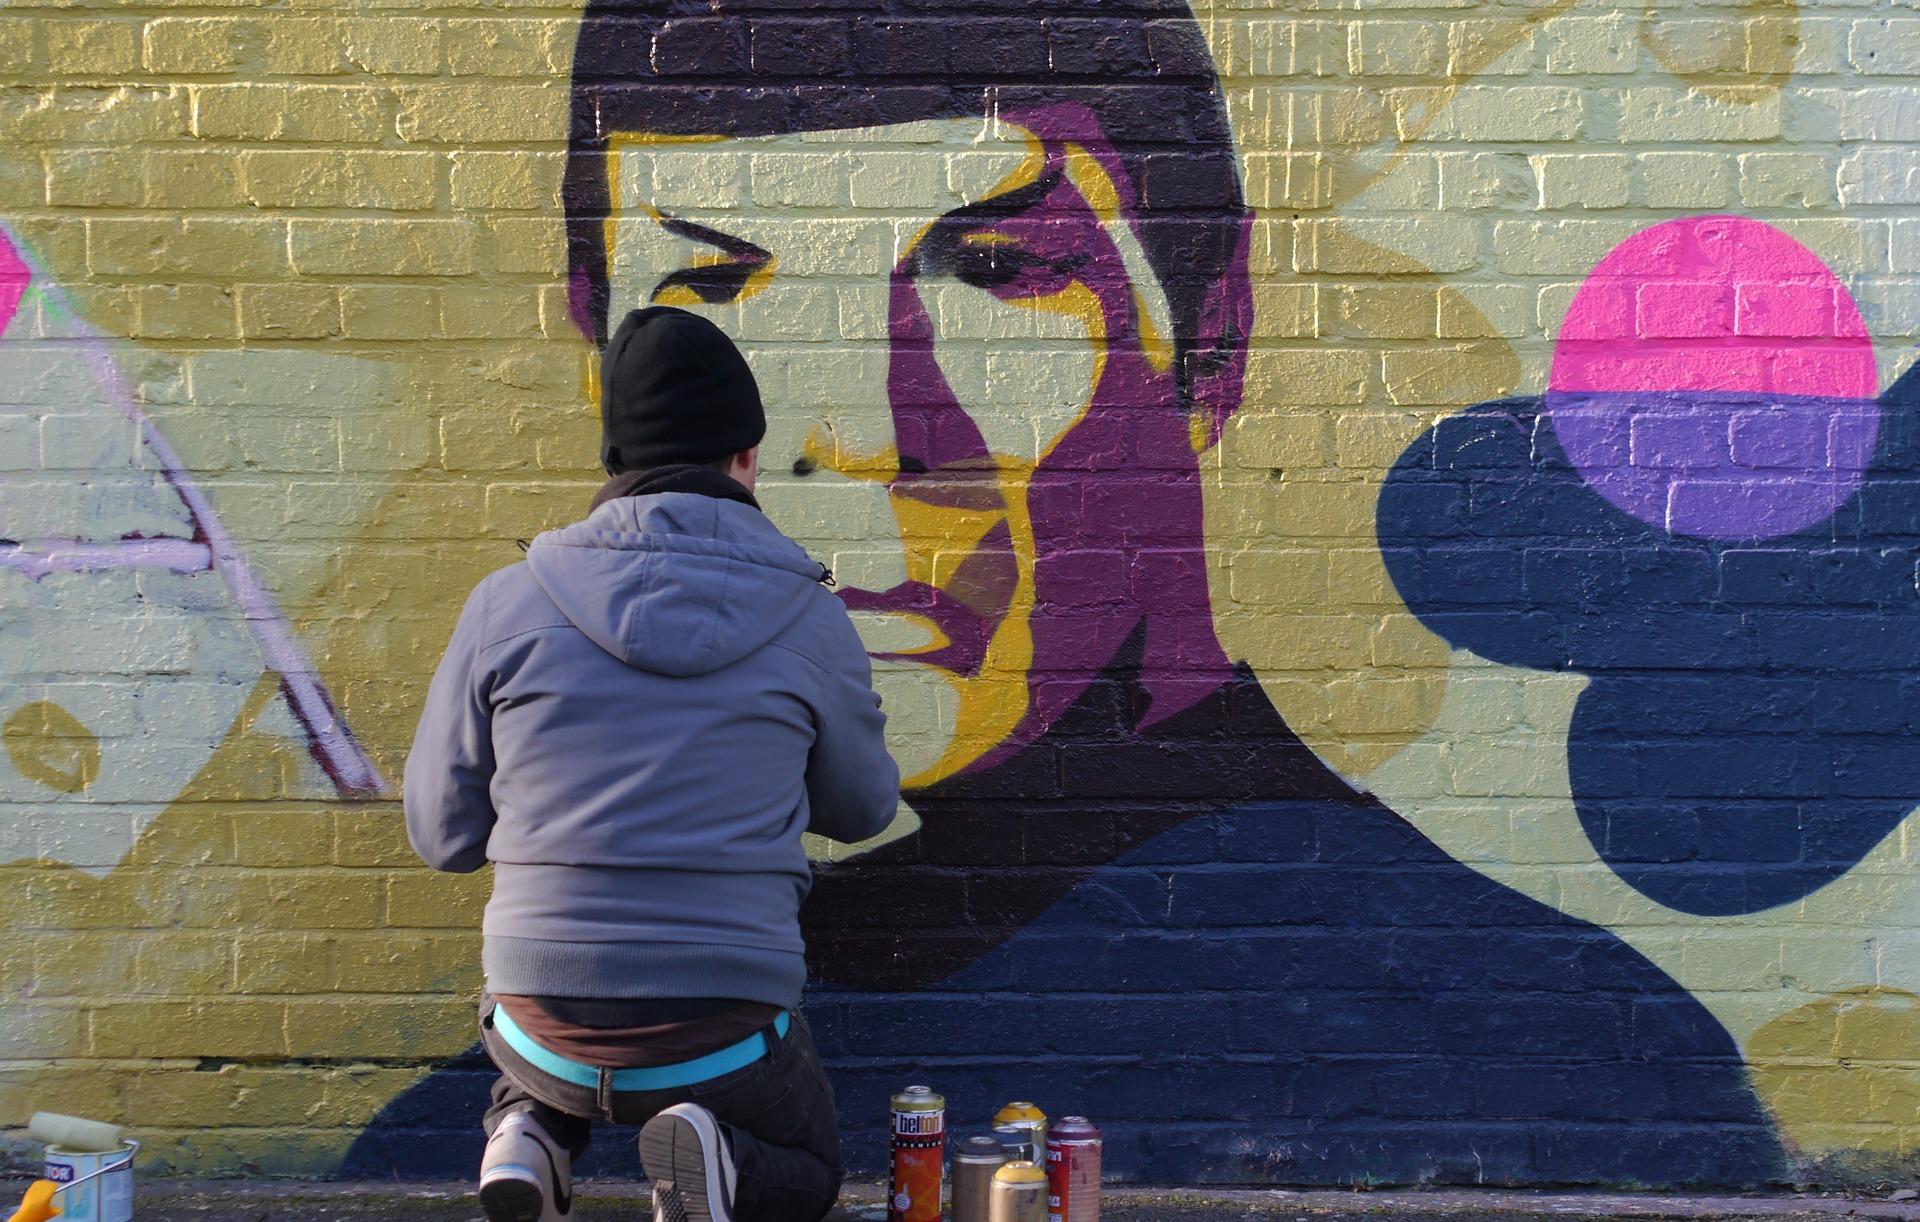 graffiti-1015952_1920.jpg